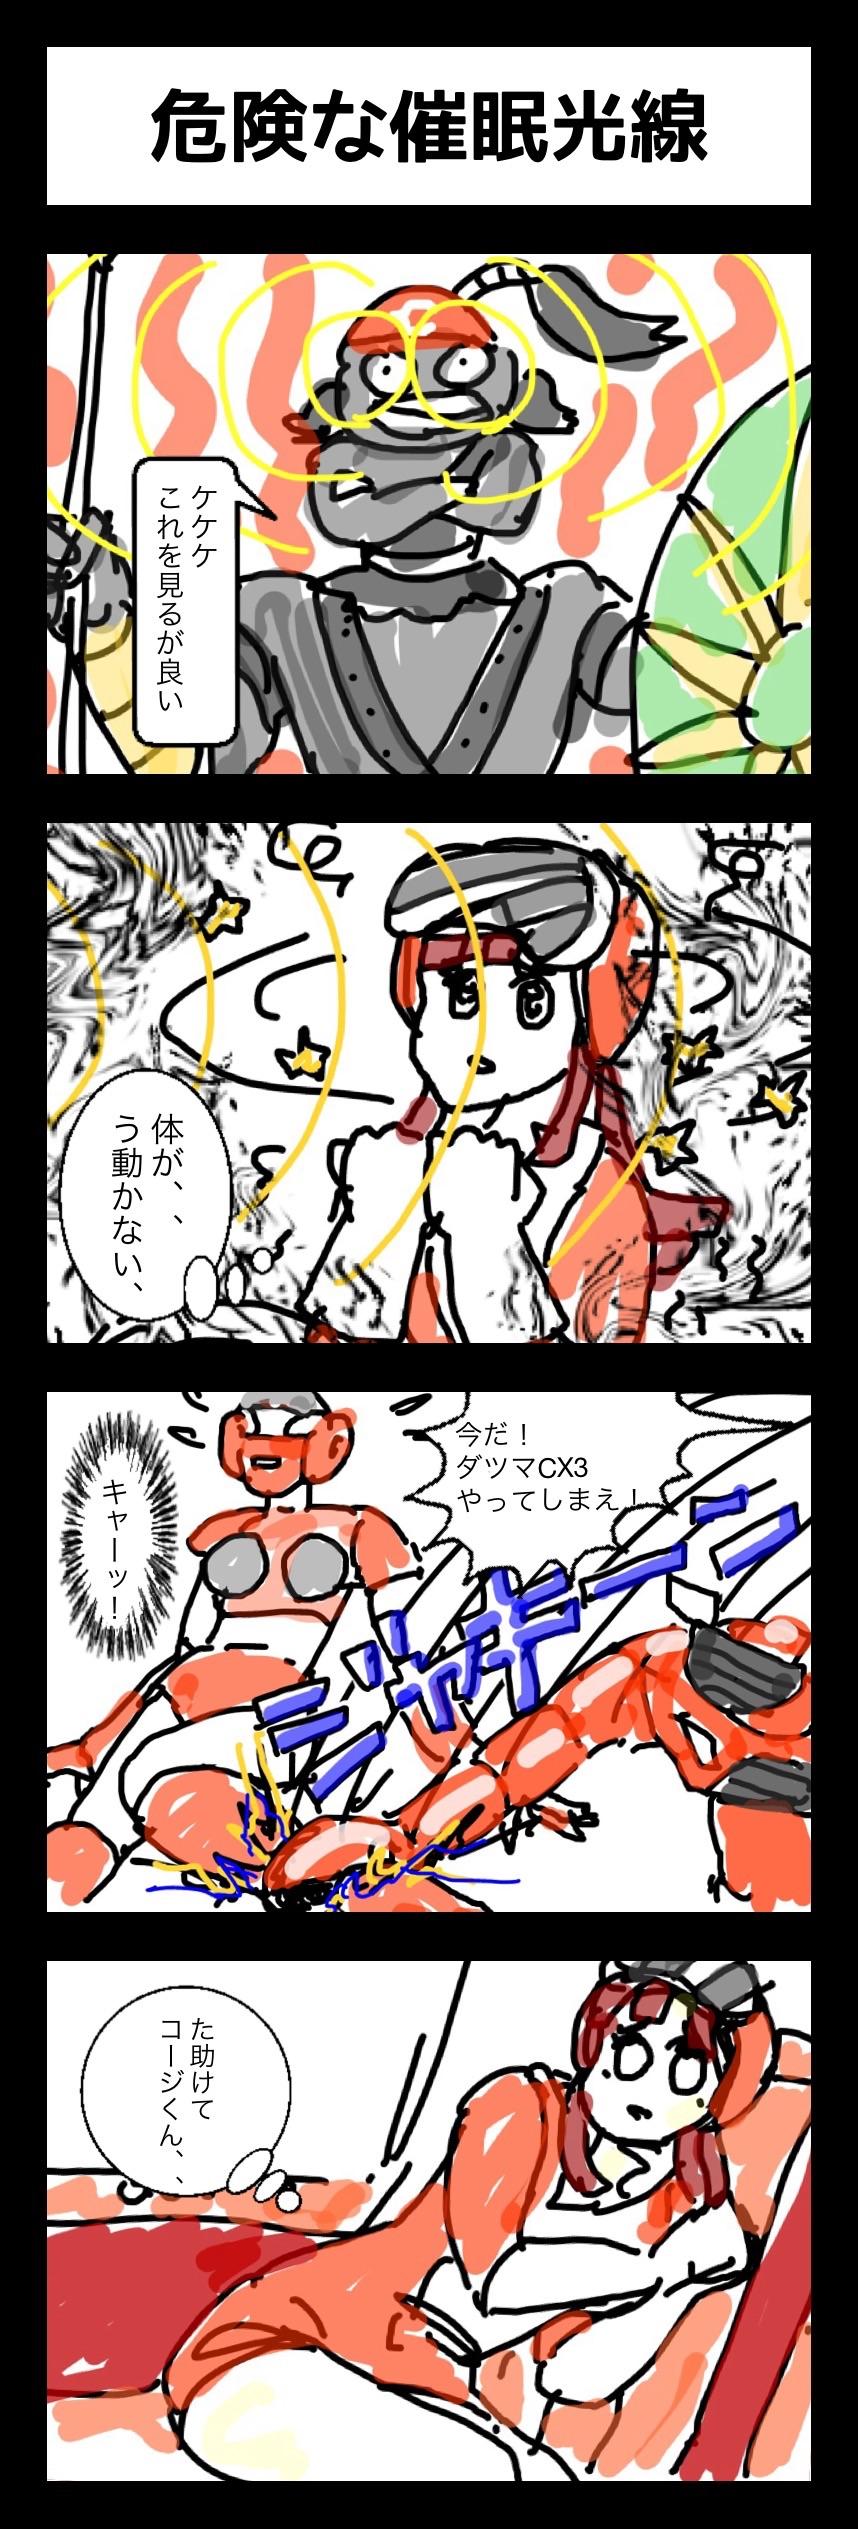 連載4コマ漫画 アトランダーV 21話